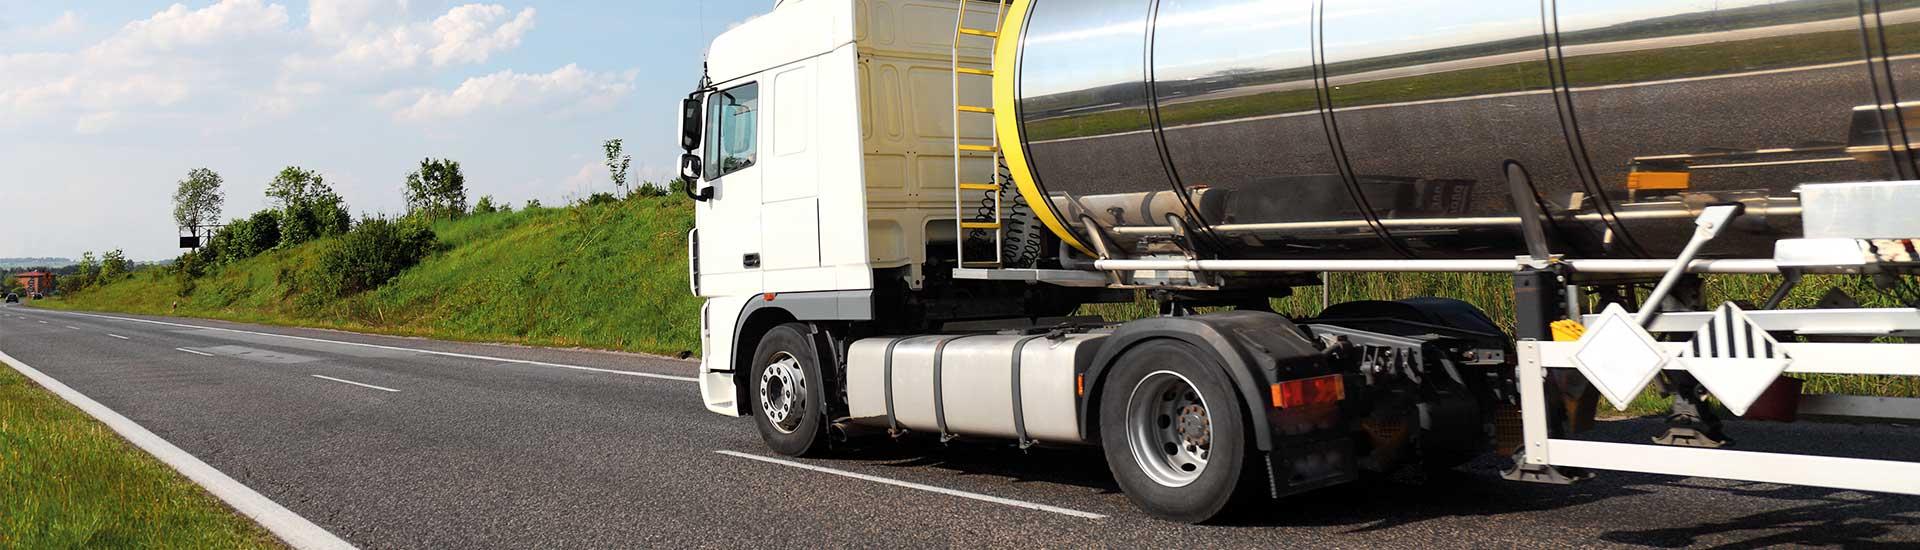 VVA vrachtwagen transport